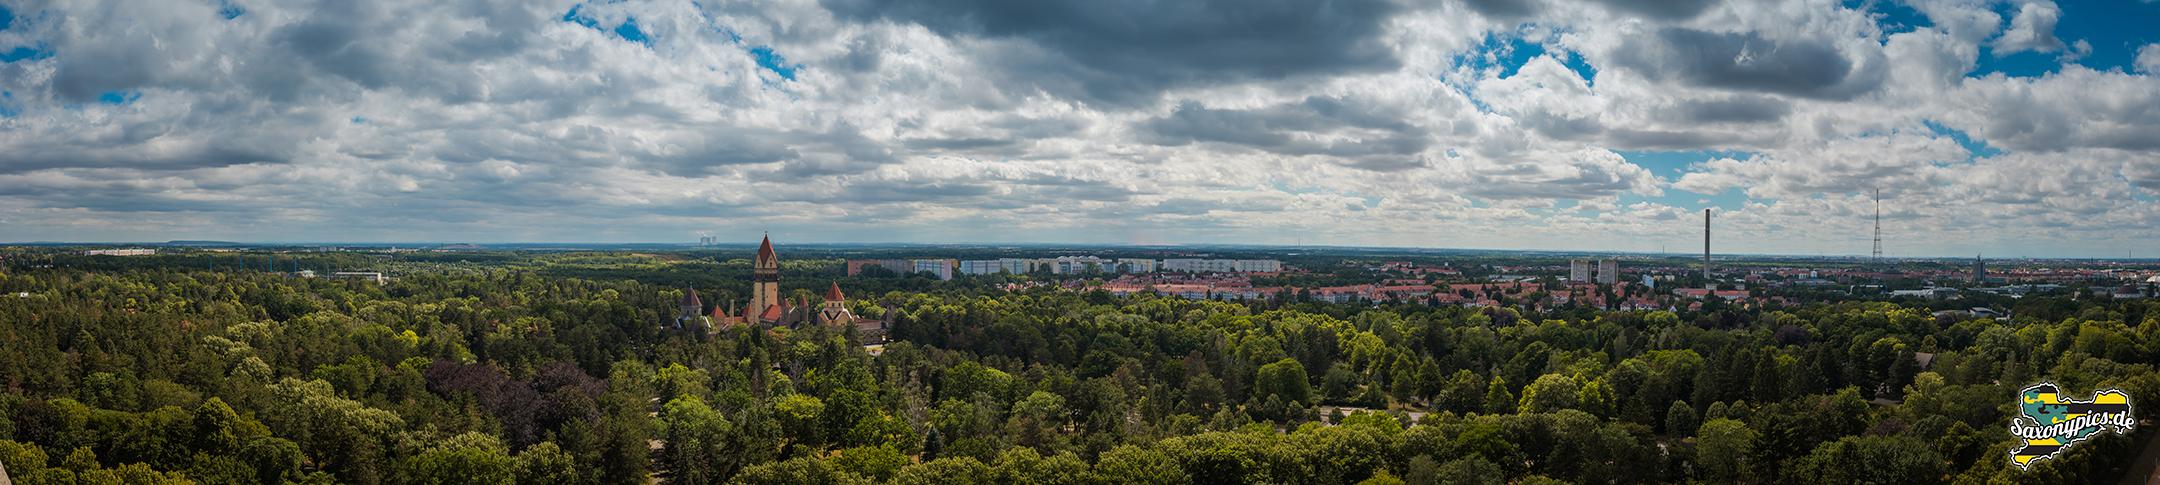 Panoramablick vom Volkerschlachtdenkmal01